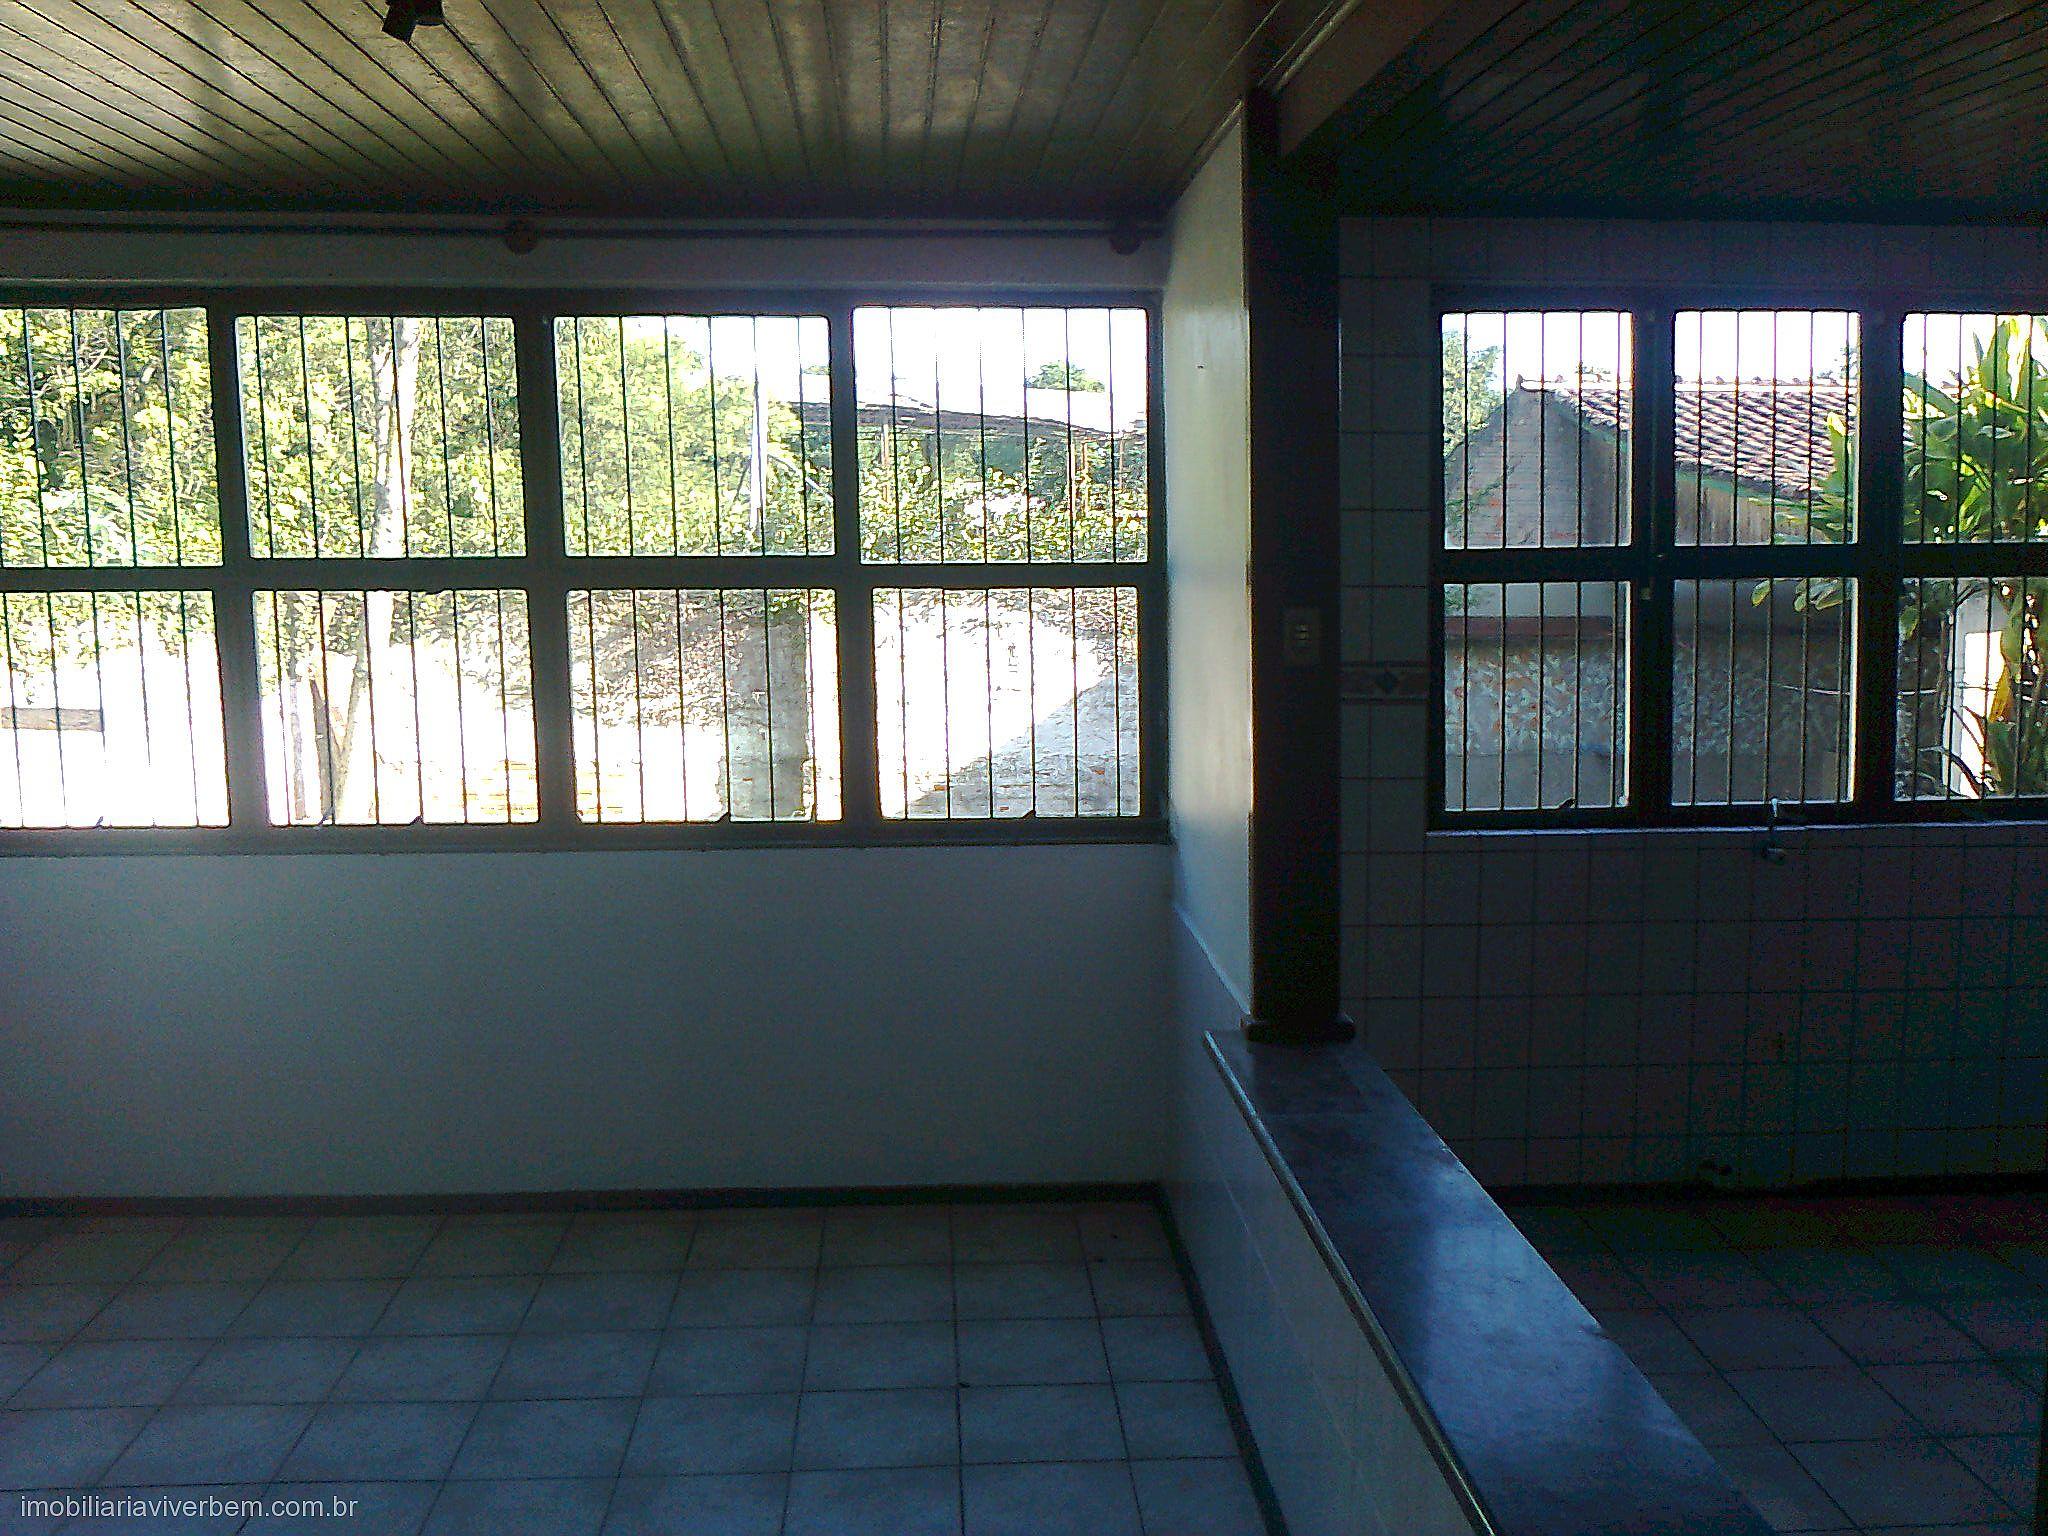 CasaVenda em Portão no bairro Portão Velho